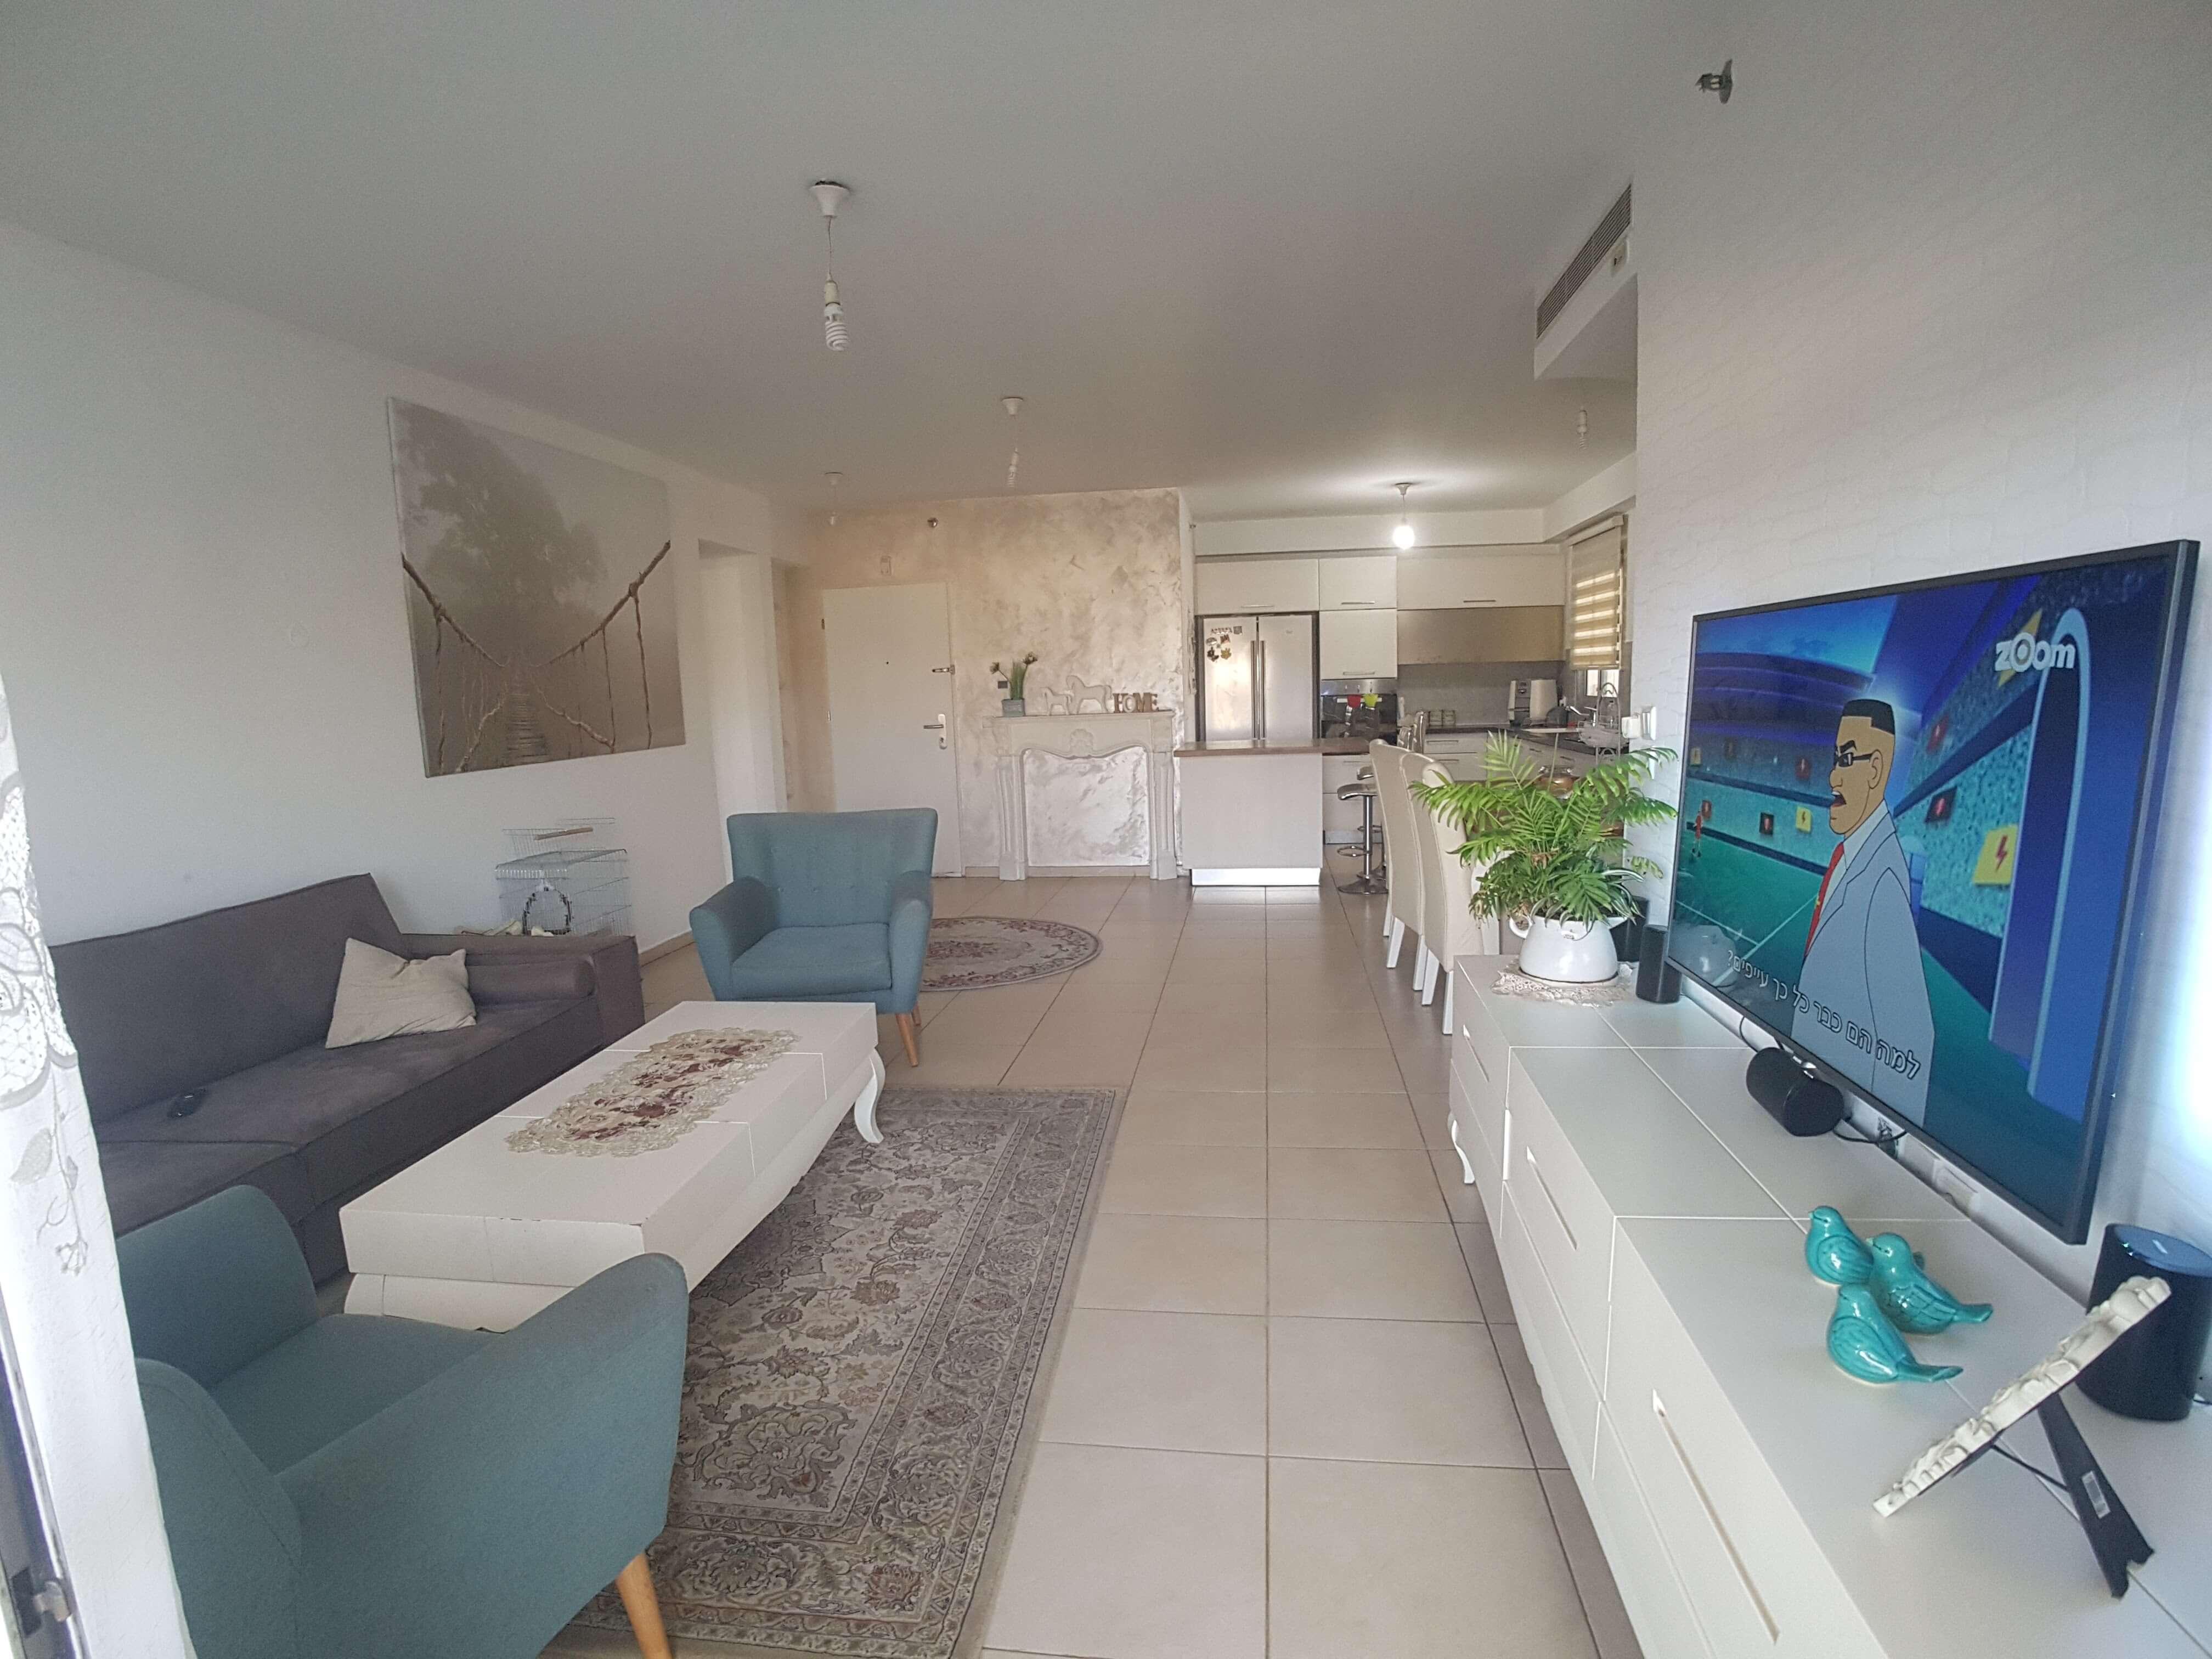 מתקדם דירה 5 חדרים בהנחל , יבנה | לוח דירות למכירה - אנגלו סכסון FW-05